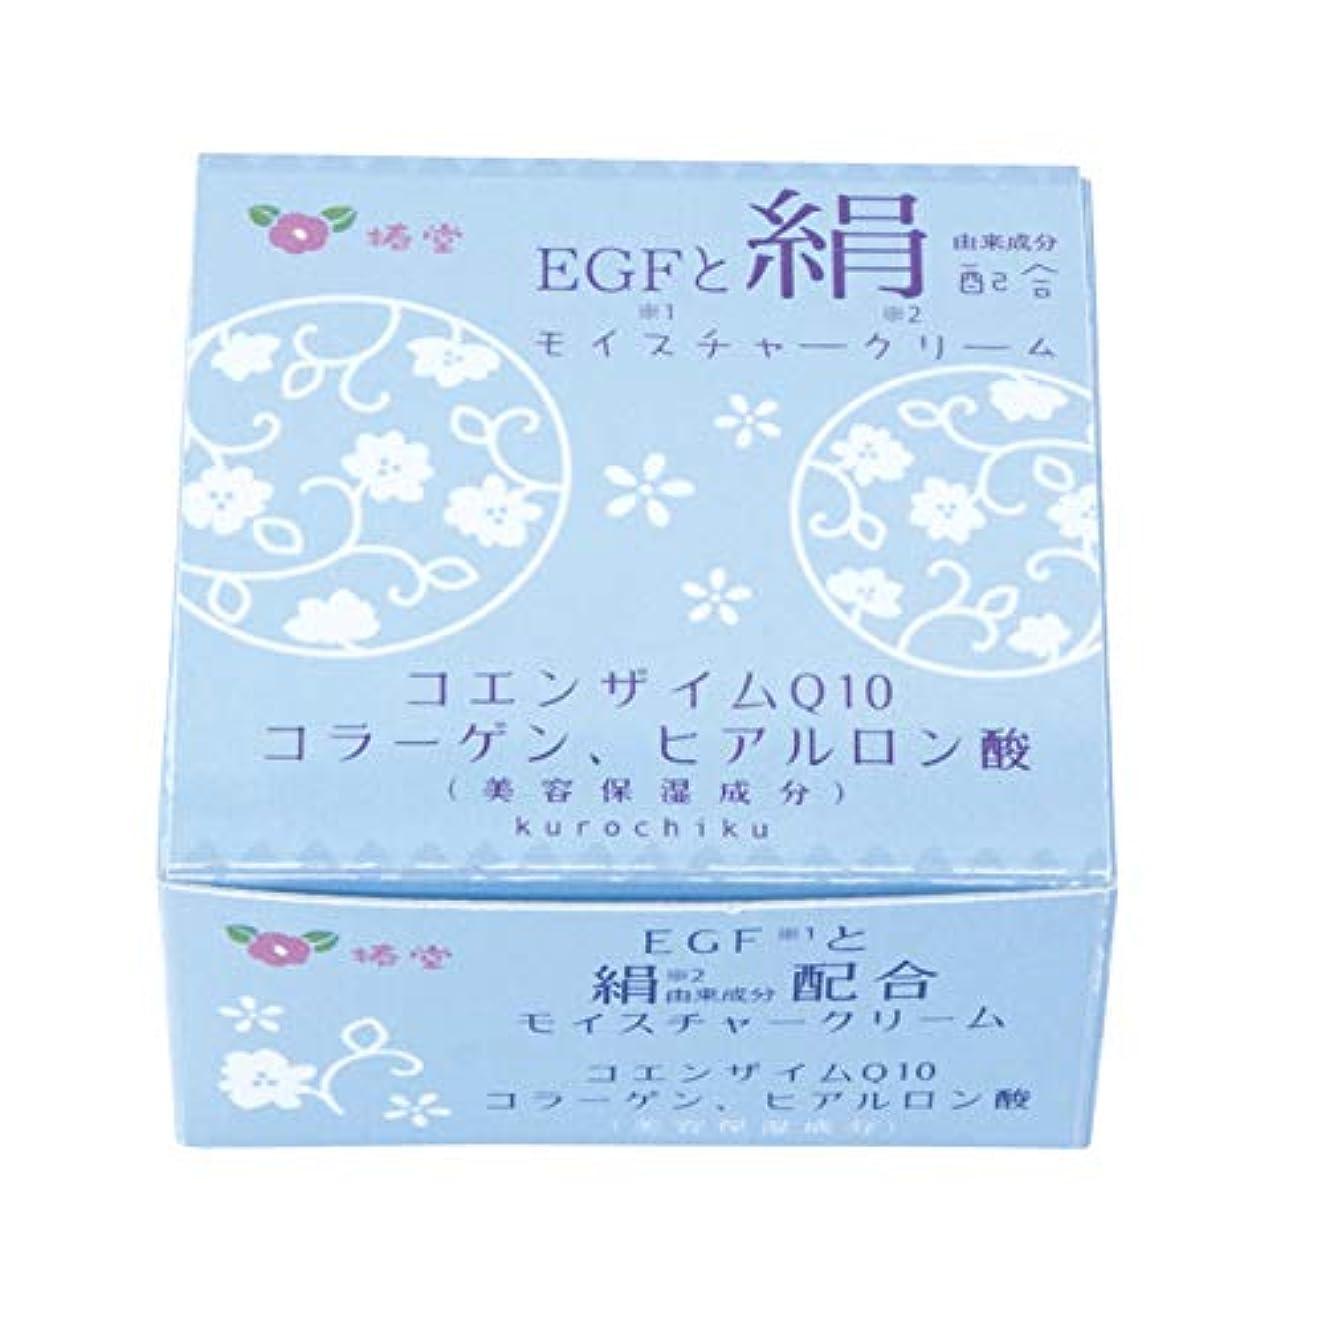 一生系統的お父さん椿堂 絹モイスチャークリーム (FGFと絹) 京都くろちく